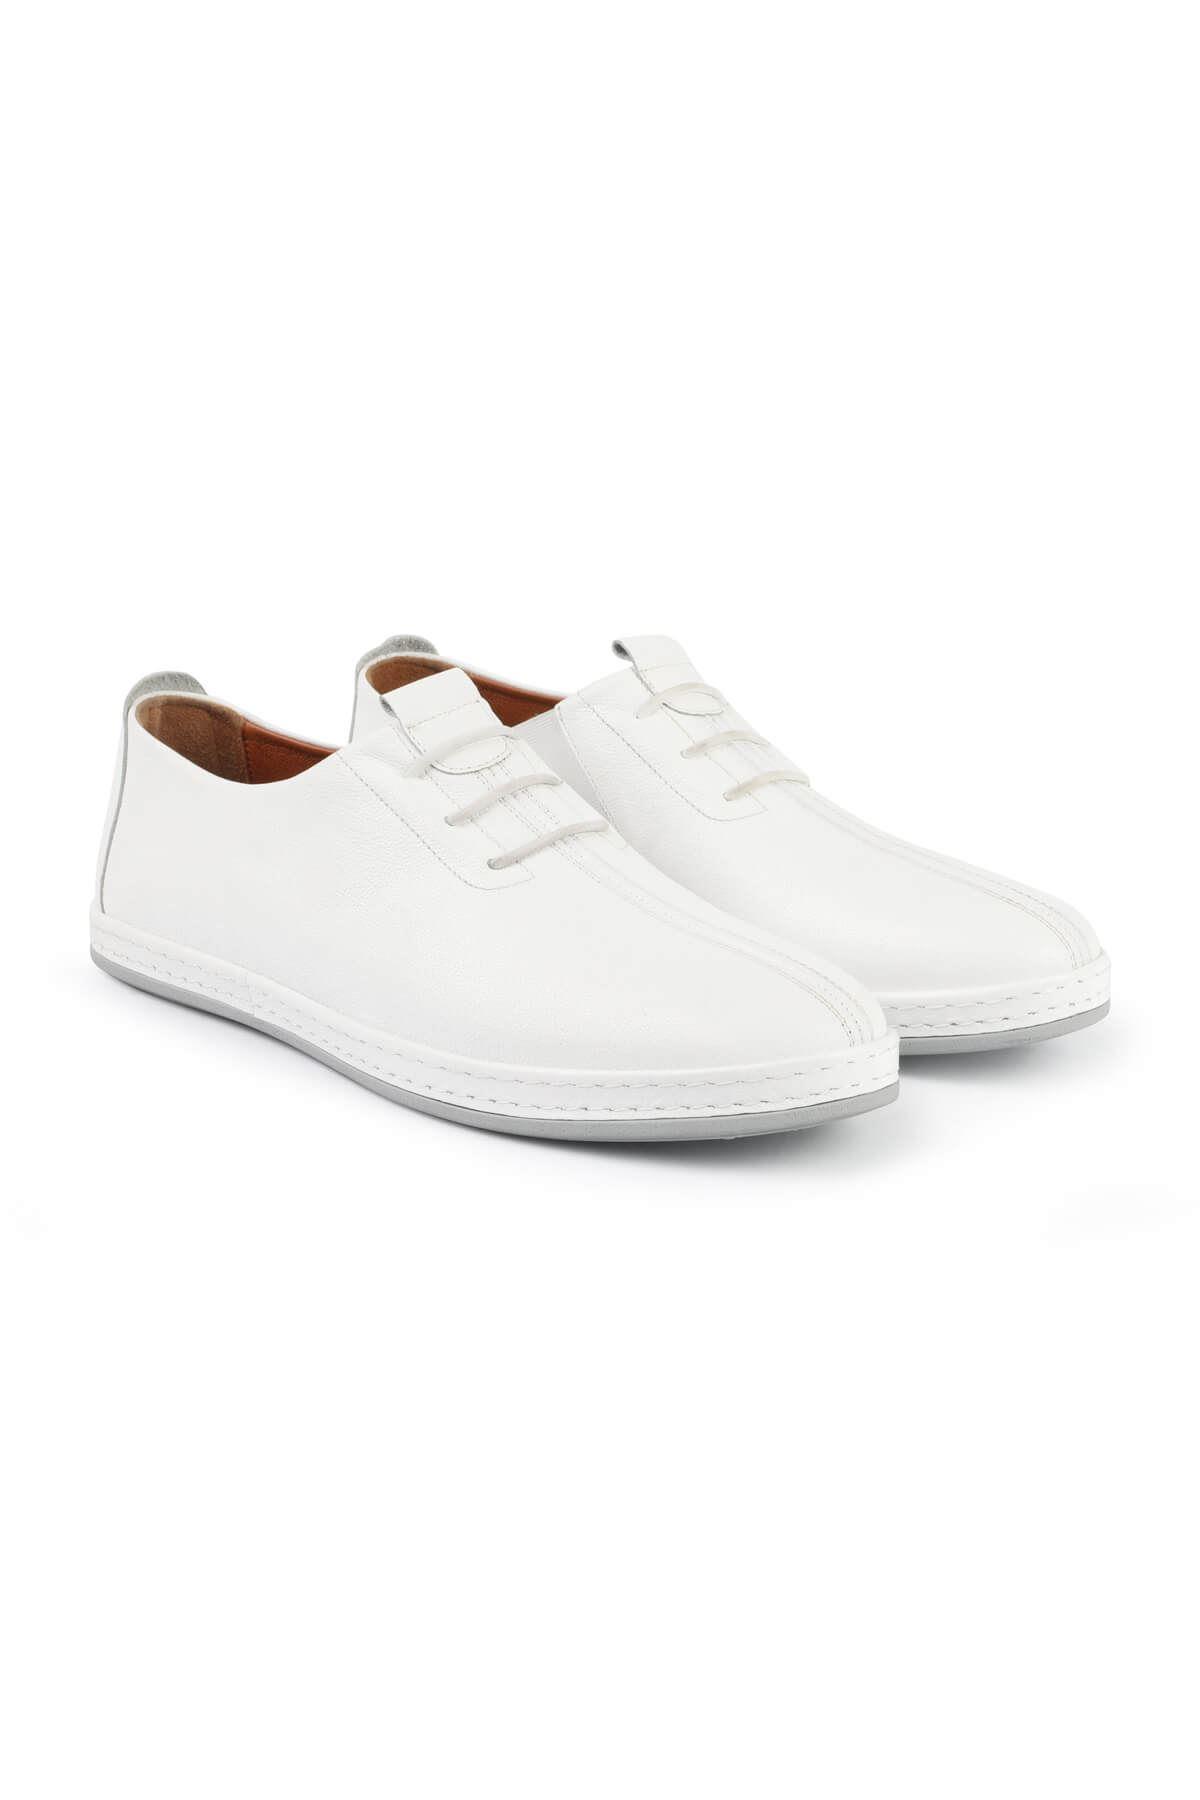 Libero 3042 White Casual Shoes